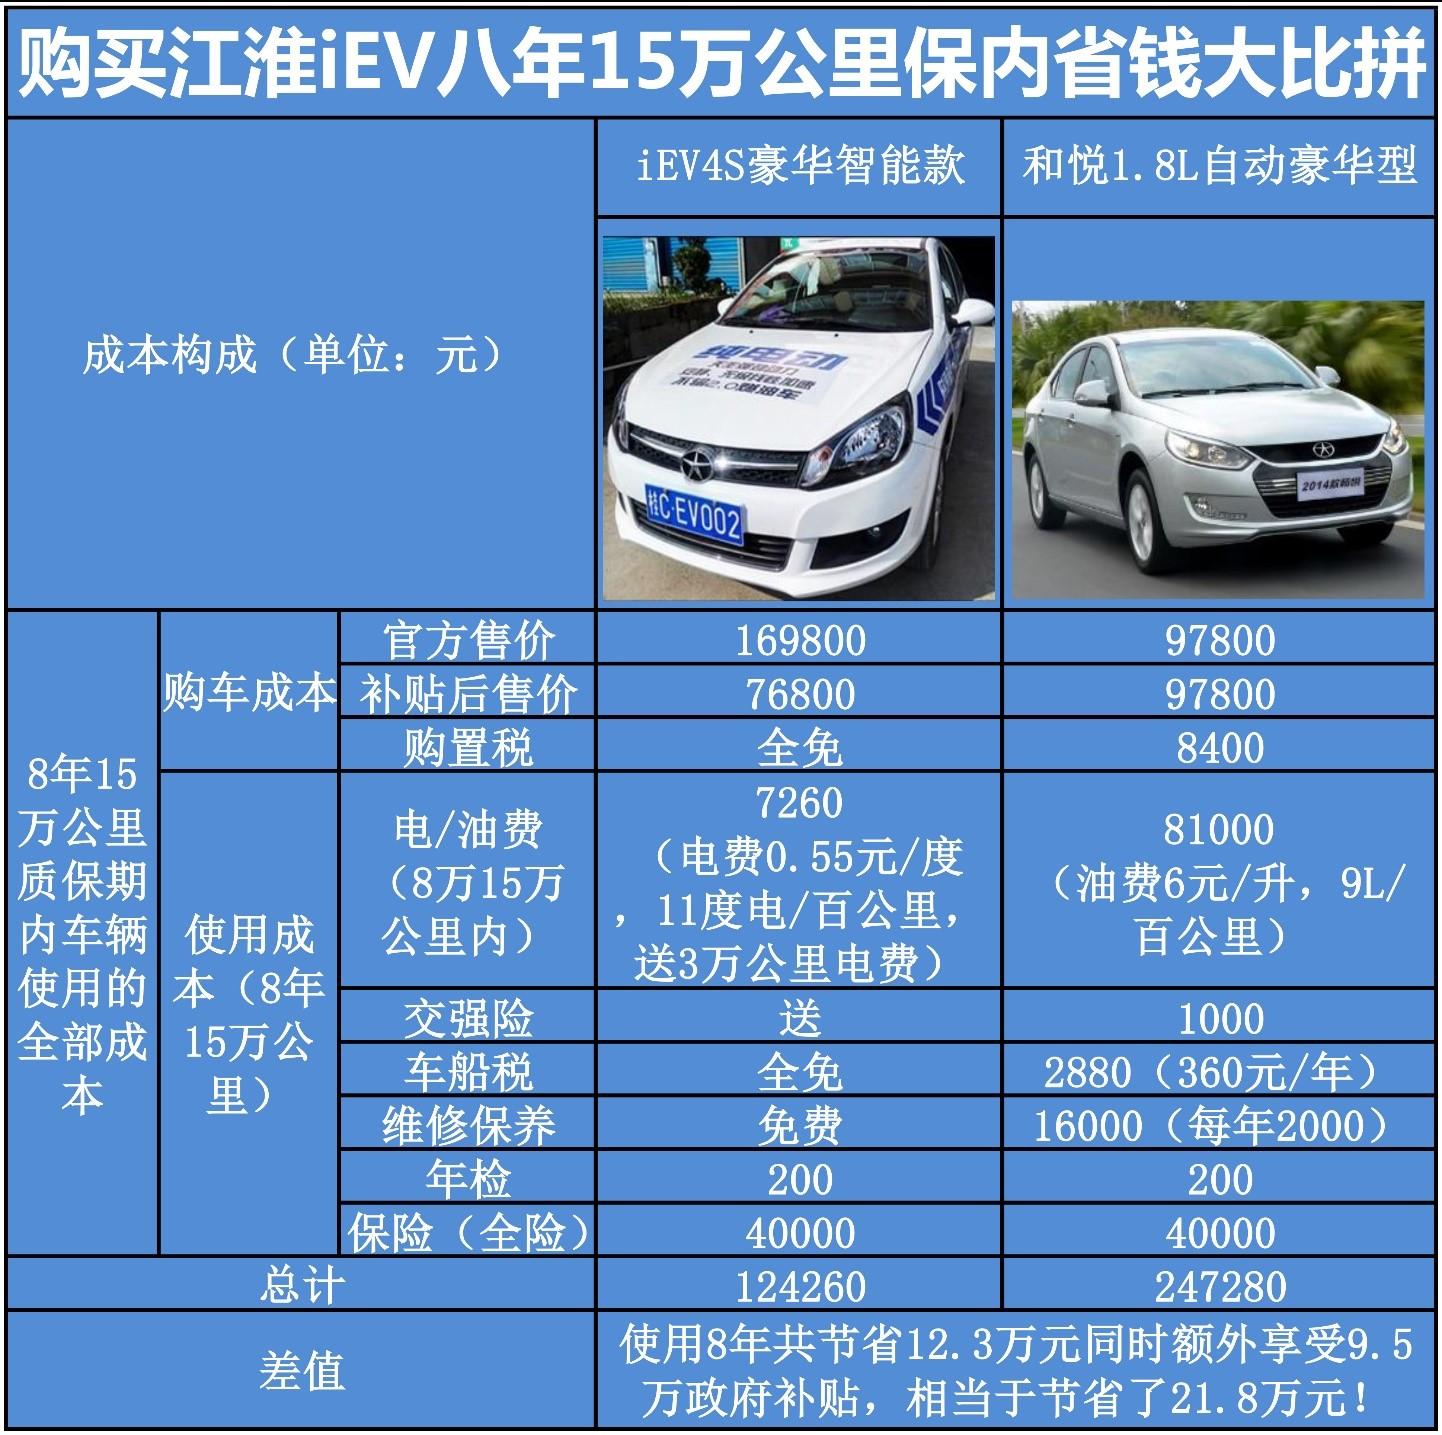 新能源汽车知识普及(六)--费用篇